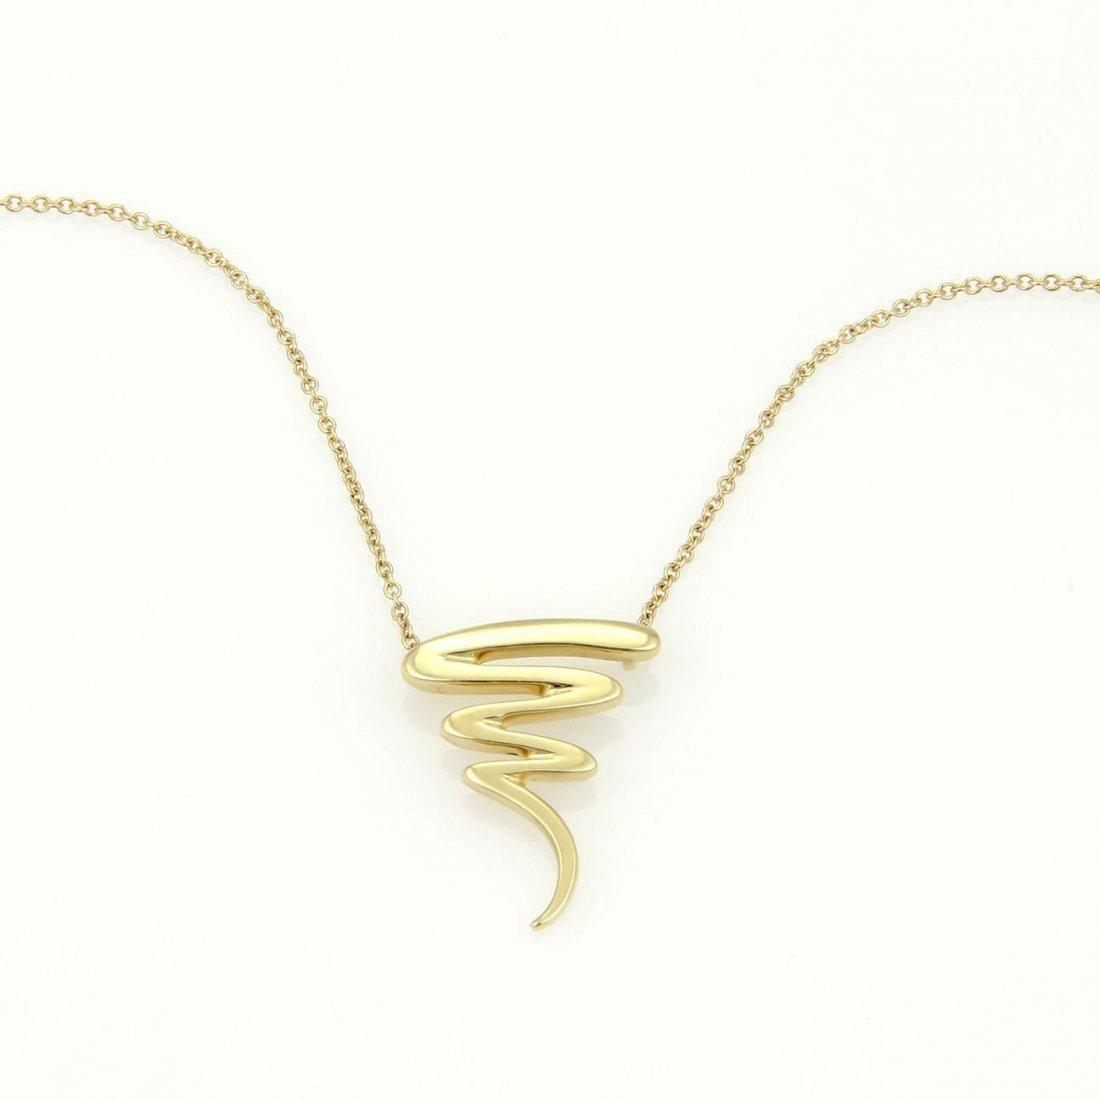 Tiffany & Co. Paloma Picasso 18k Yellow Gold Zig Zag